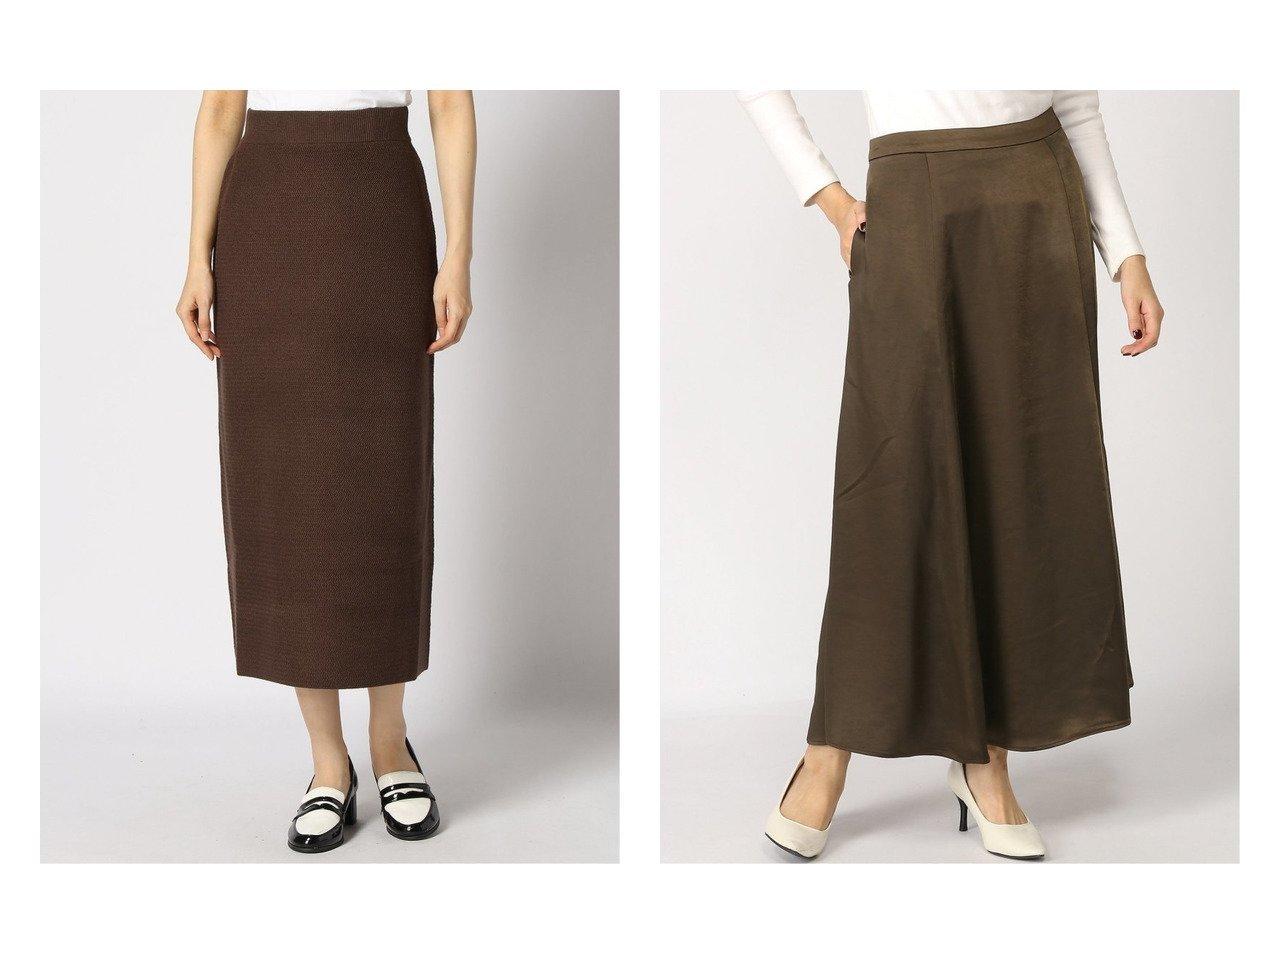 【GLOBAL WORK/グローバルワーク】のVintageサテンSK+D&【LOWRYS FARM/ローリーズファーム】のギザギザガラニットSK スカートのおすすめ!人気、レディースファッションの通販 おすすめで人気のファッション通販商品 インテリア・家具・キッズファッション・メンズファッション・レディースファッション・服の通販 founy(ファニー) https://founy.com/ ファッション Fashion レディース WOMEN スカート Skirt ロングスカート Long Skirt ストレート タイトスカート フレア サテン ジャケット ストレッチ ロング  ID:crp329100000001541